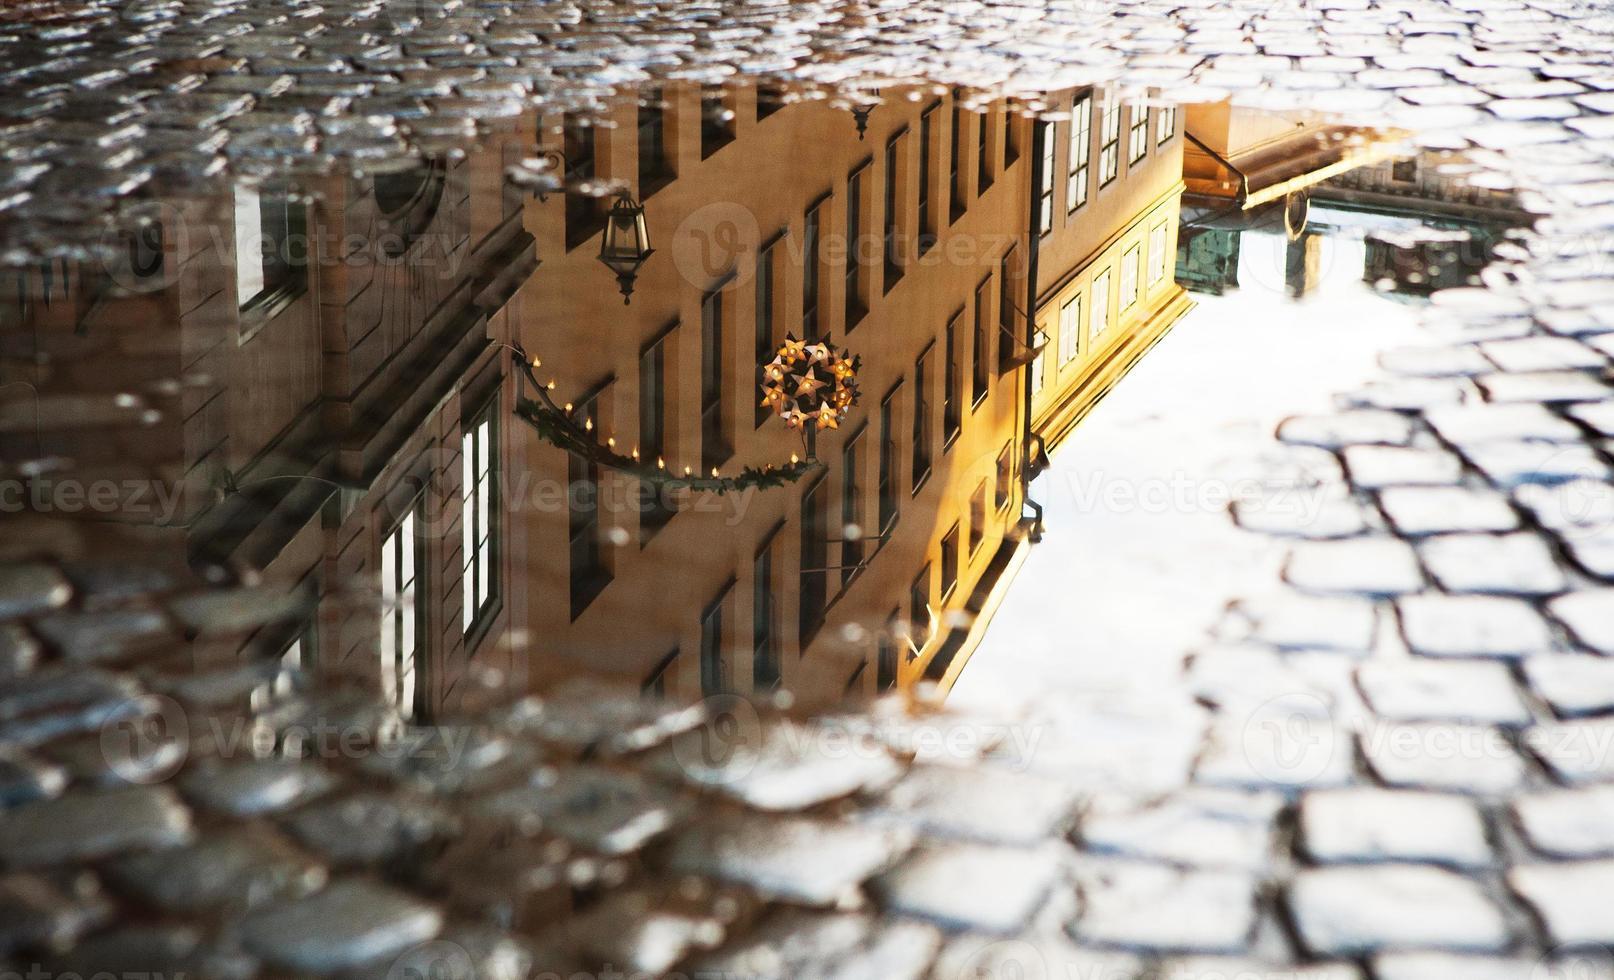 le reflet de stockholm dans la flaque d'eau. photo